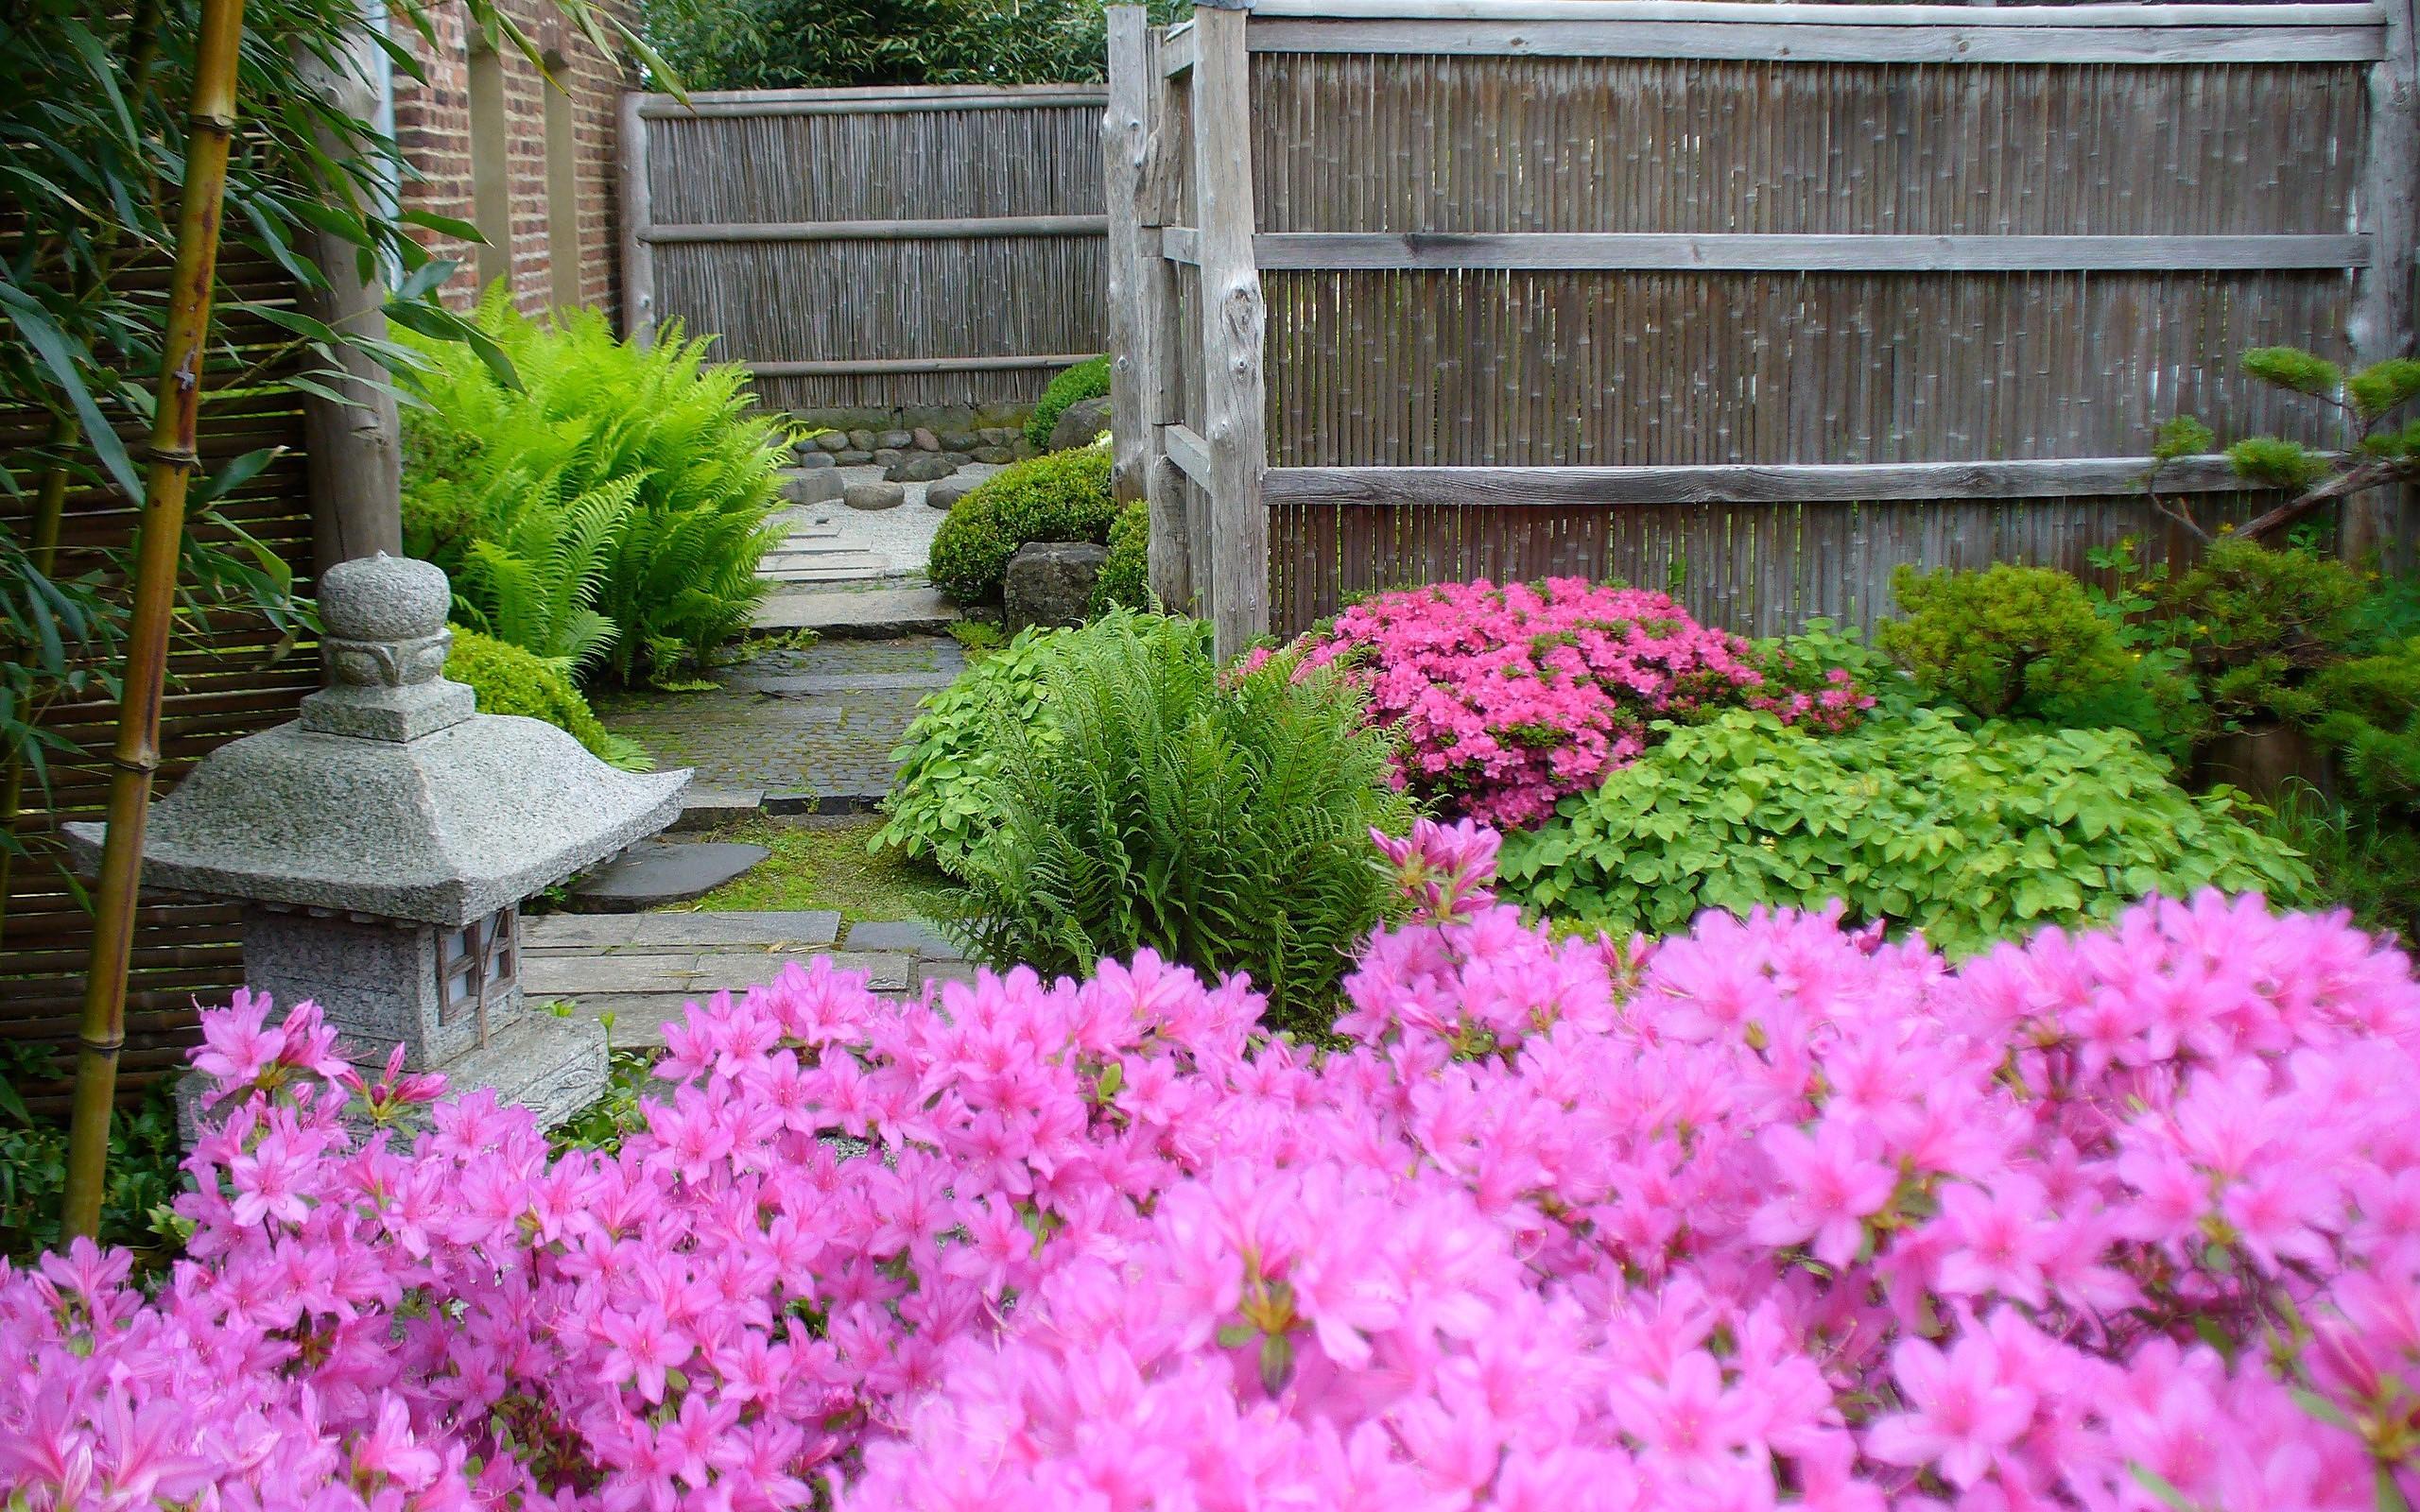 Japanische Gärten roji japanische gärten prignitz bartschendorf reiseland